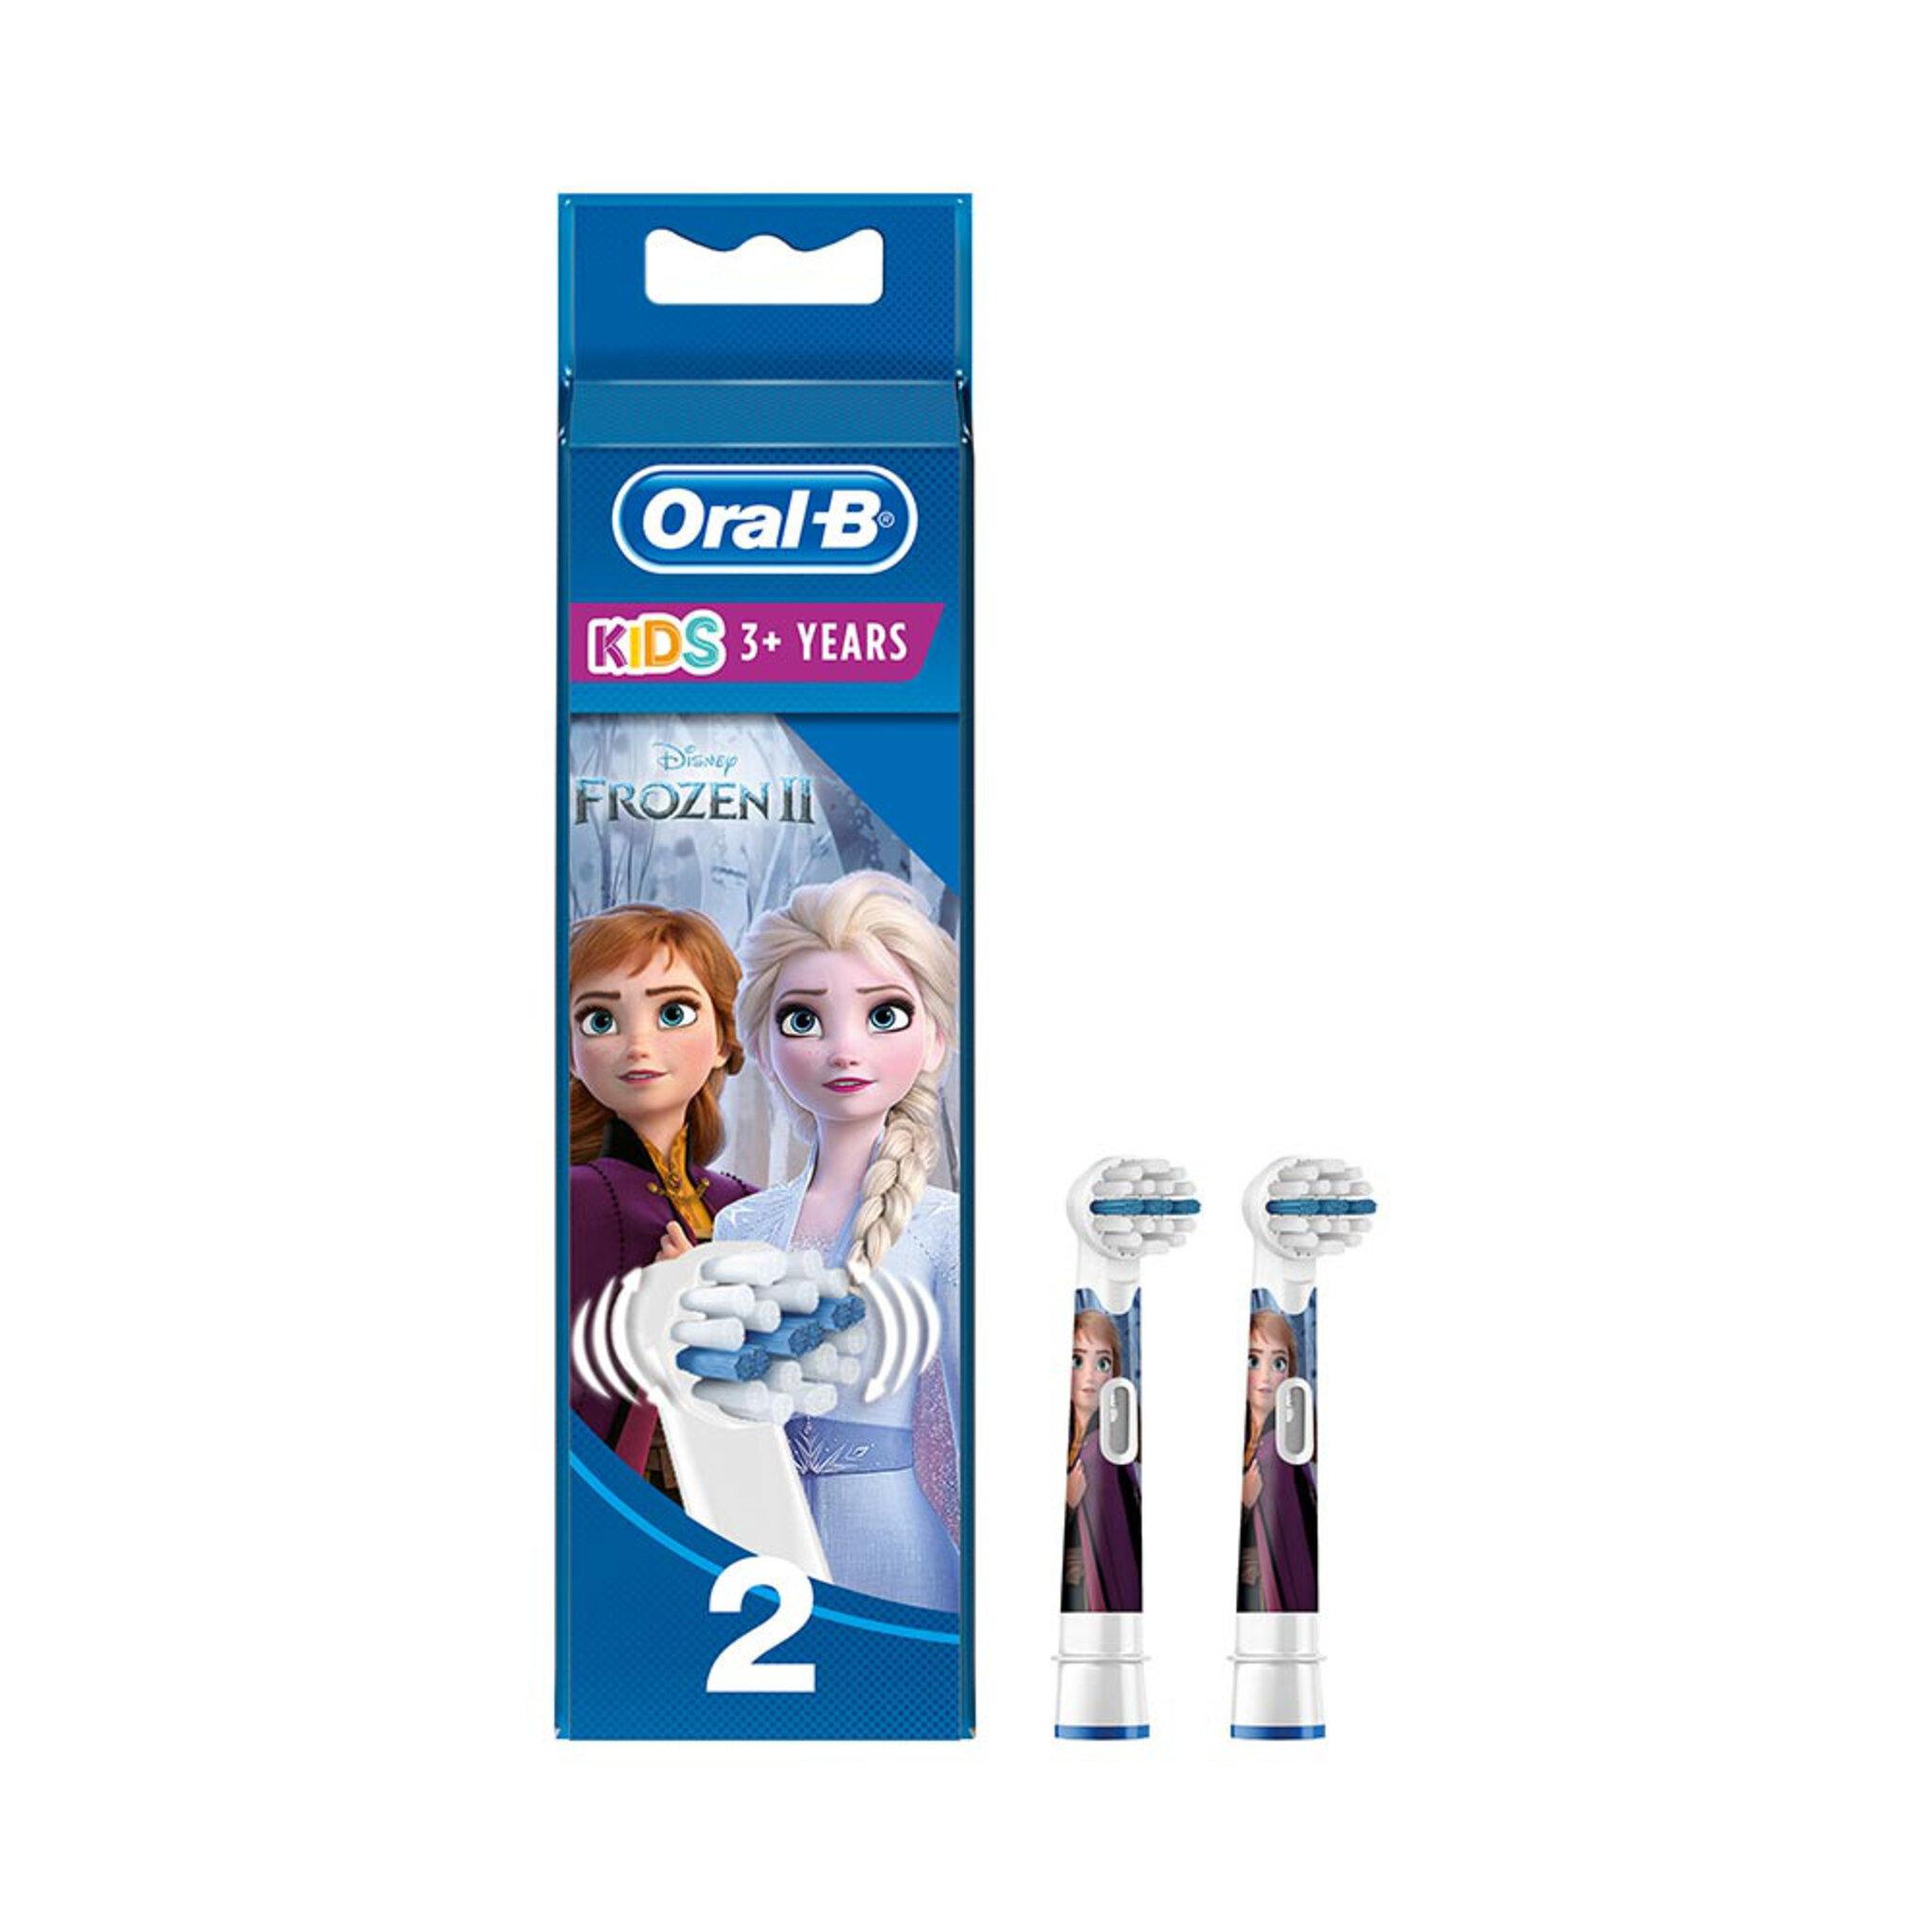 Kids Frozen Borsthuvud för Oral-B eltandborste